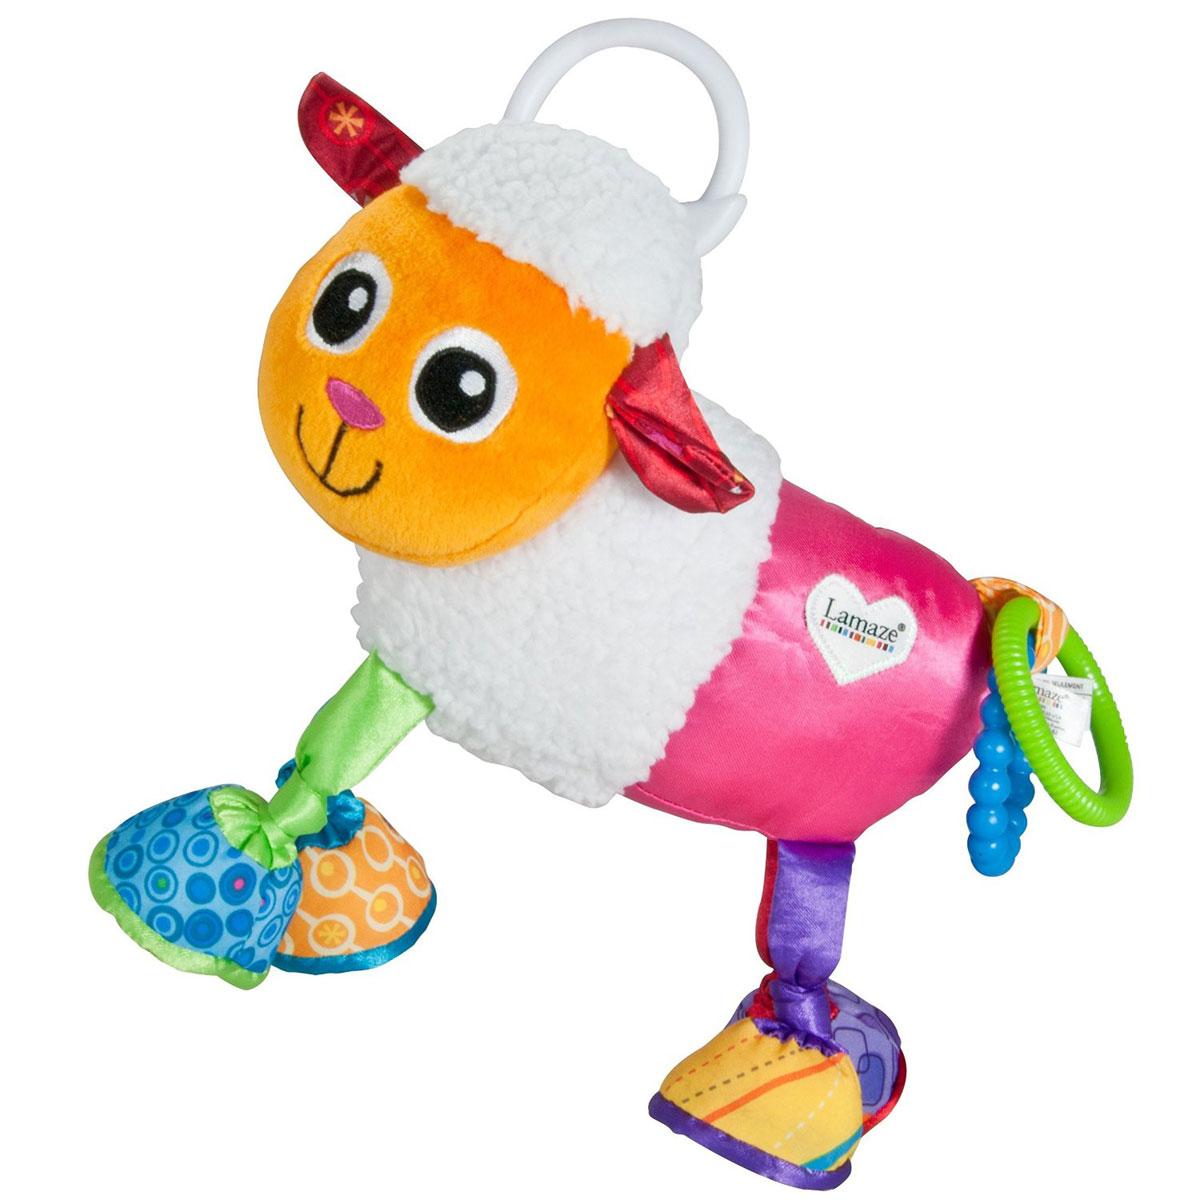 Lamaze Мягкая игрушка-подвеска Овечка ШеремиLC27551RUМягкая игрушка-подвеска Lamaze Овечка Шереми обязательно привлечет внимание вашего малыша. Выполнена в виде симпатичной овечки с мягкими шелестящими копытцами и ушками. Изготовлена из высококачественных и безопасных материалов. Это веселая игрушка, которую можно прикрепить как к кроватке, так и к коляске. А еще очень интересно просто держать ее в руках, ведь на хвостике овечки стучат друг об друга два пластиковых колечка. Игрушка-подвеска способствует развитию мелкой моторики, сенсорному и цветовому восприятию.